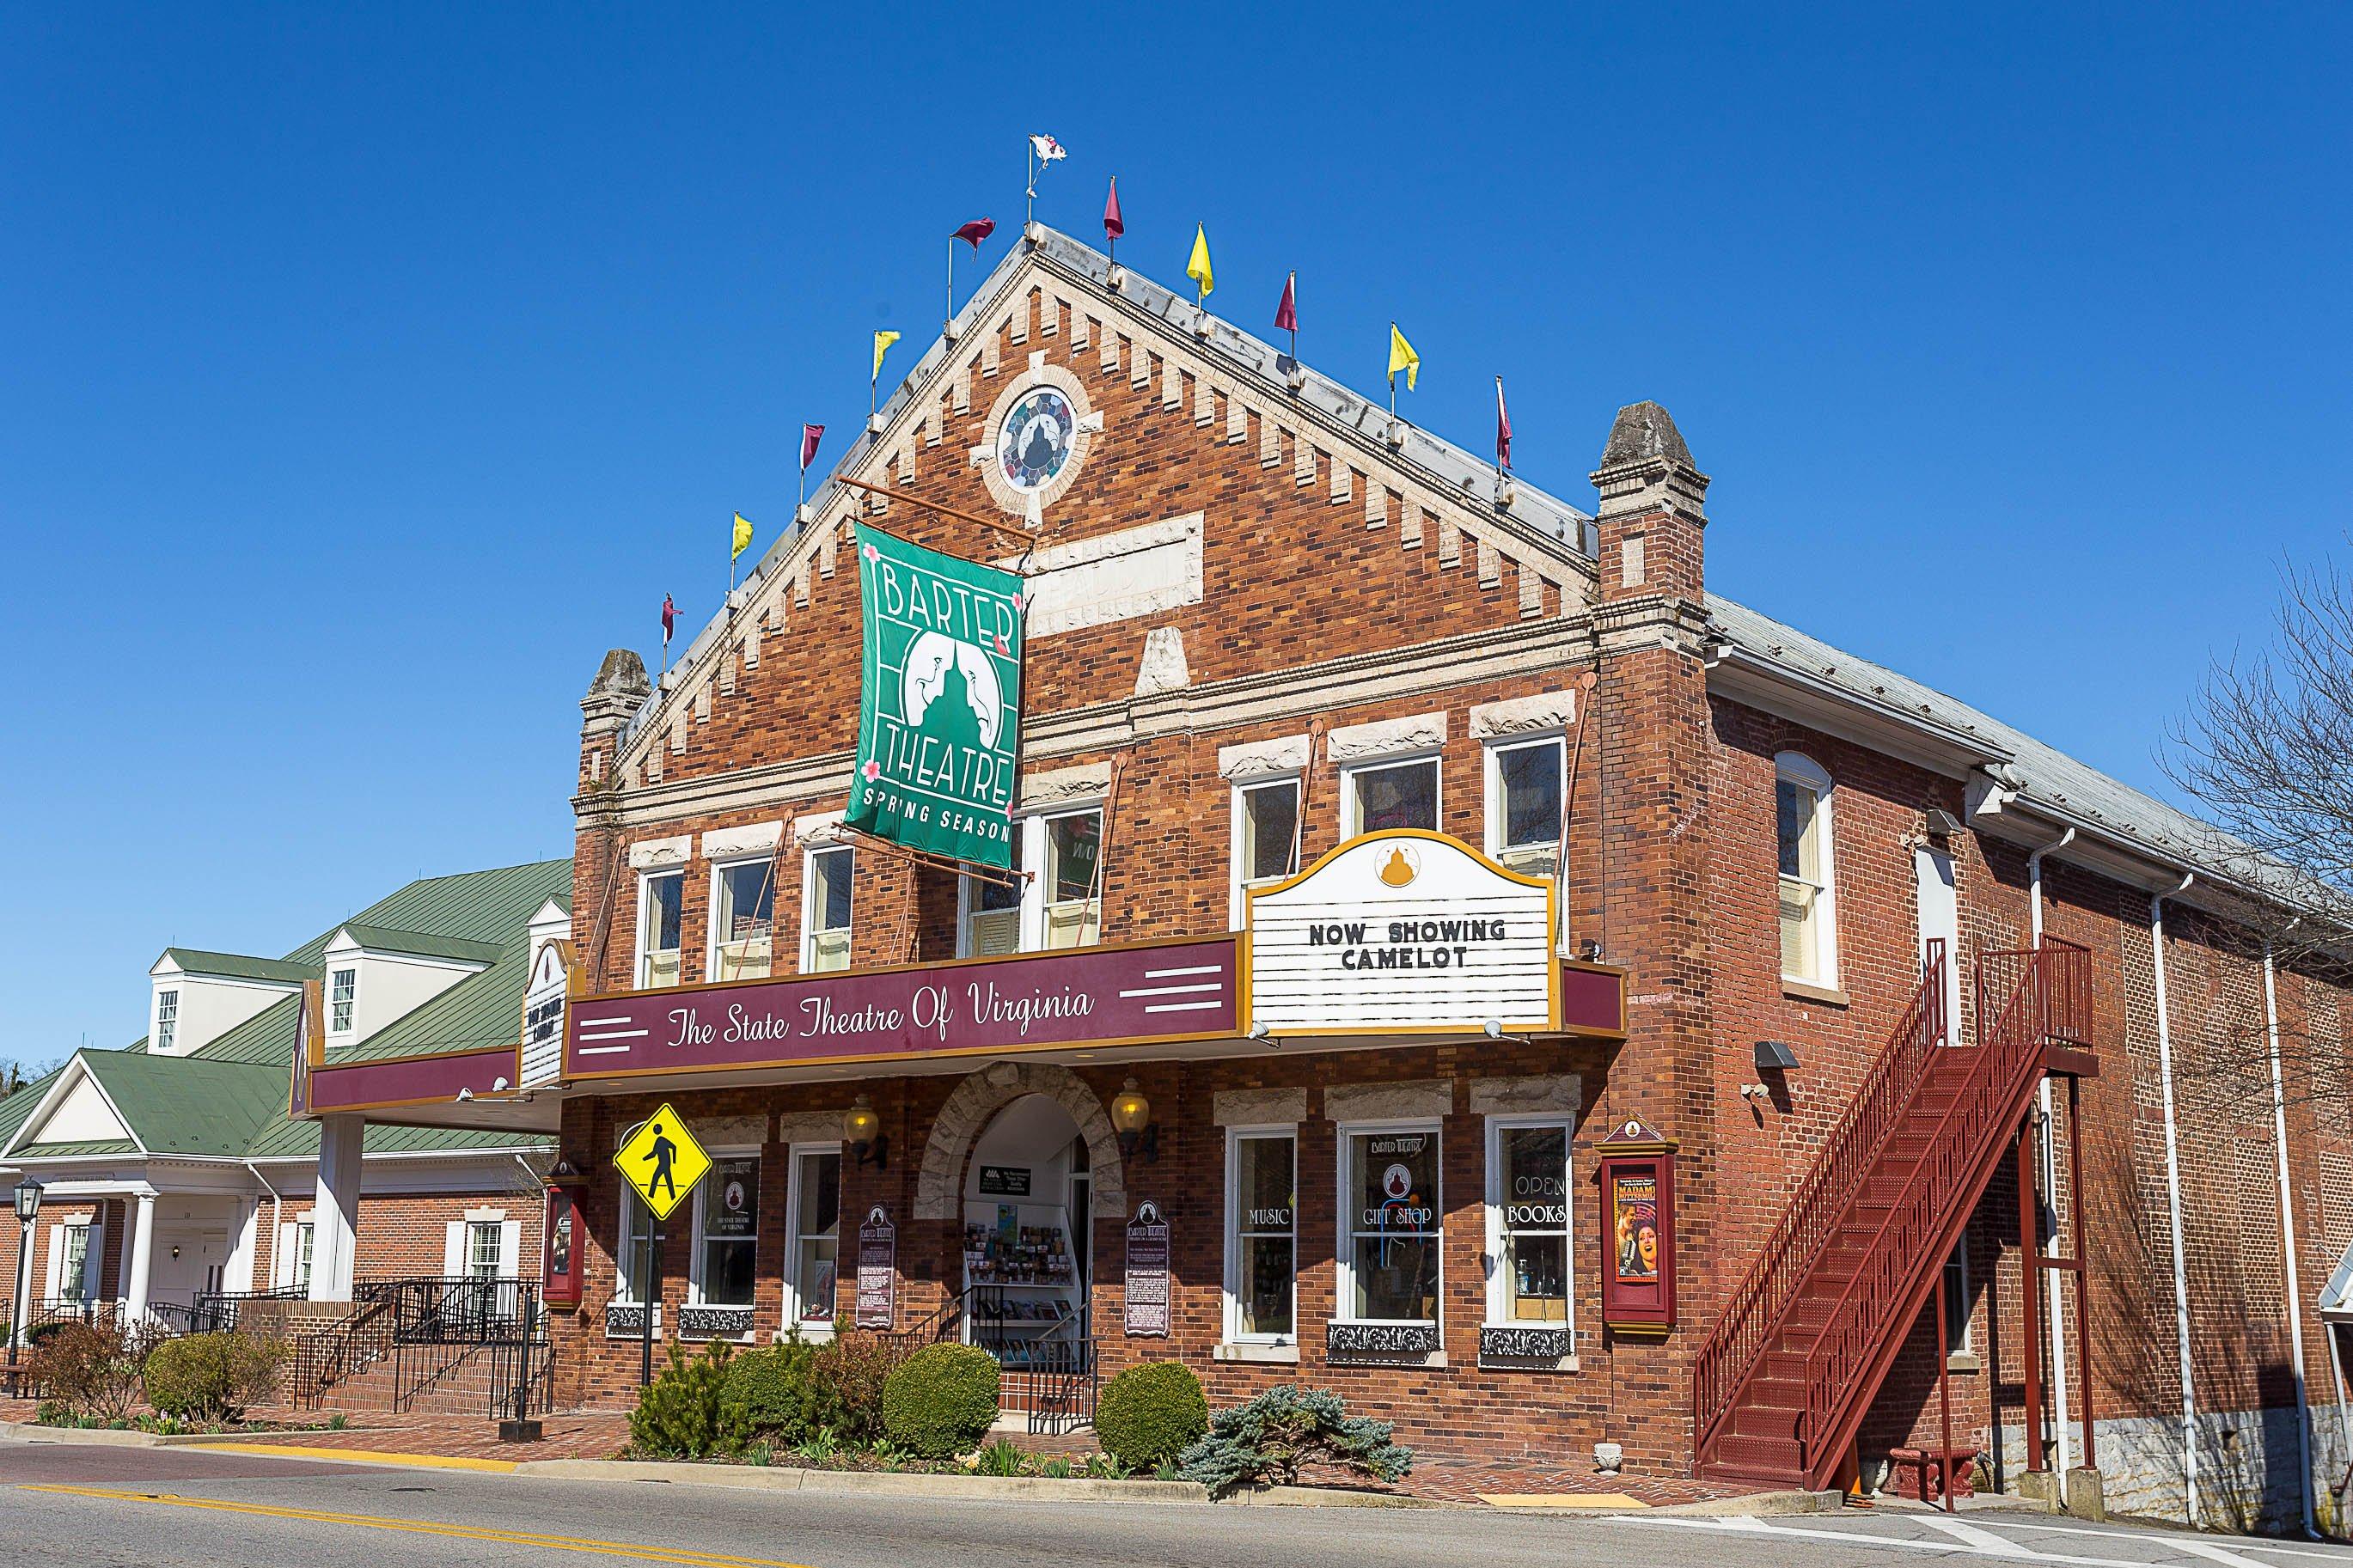 Barter Theatre facade